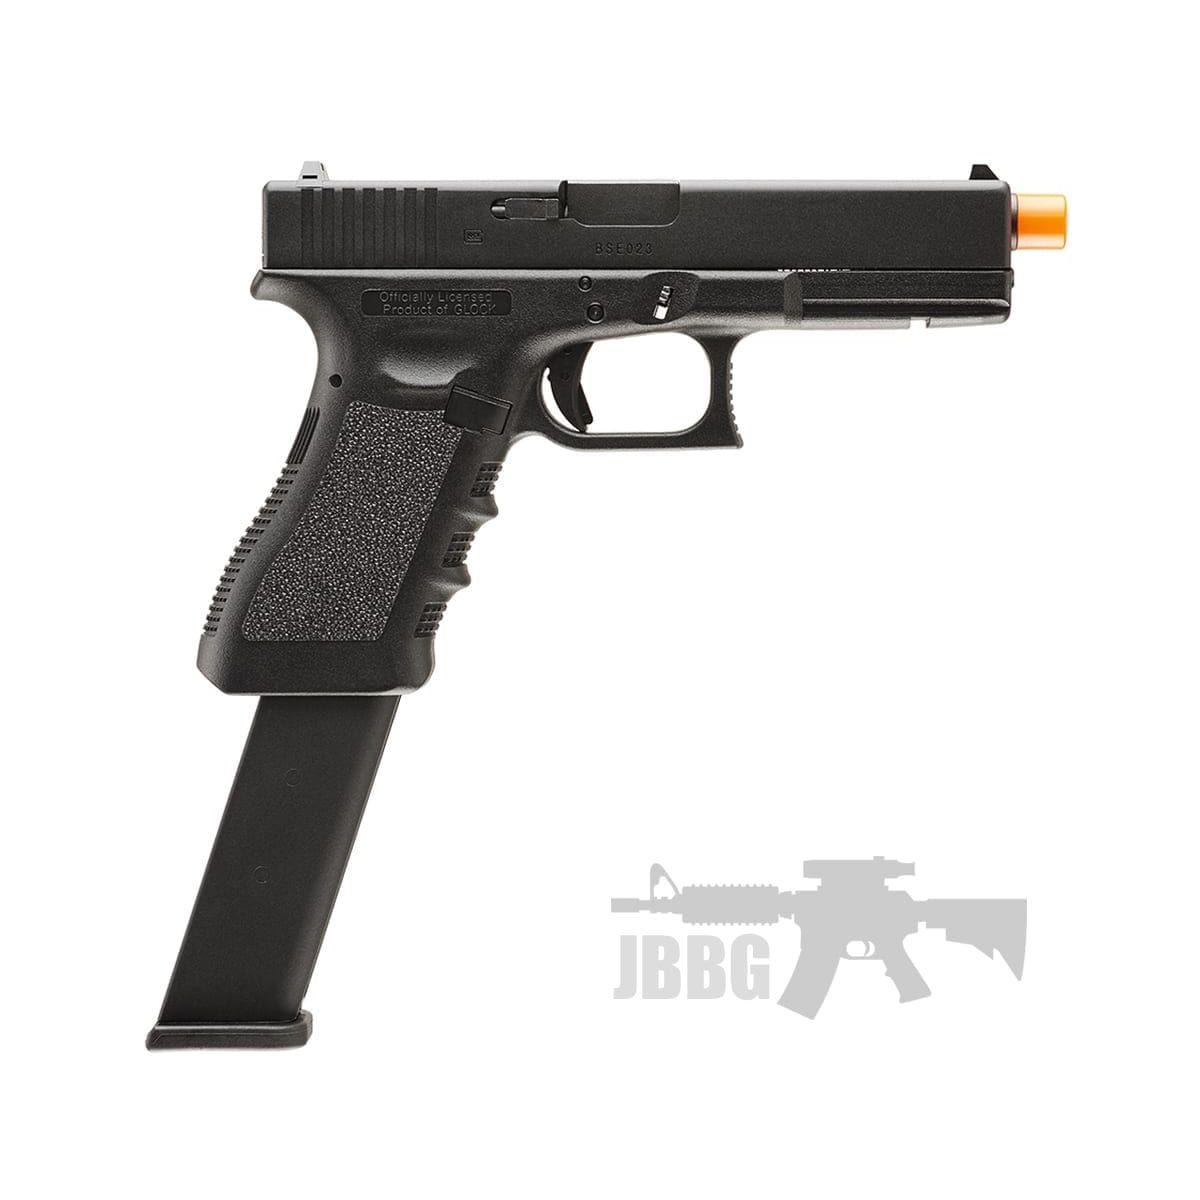 g18c-glock-pistol-gun-airsoft-umarex